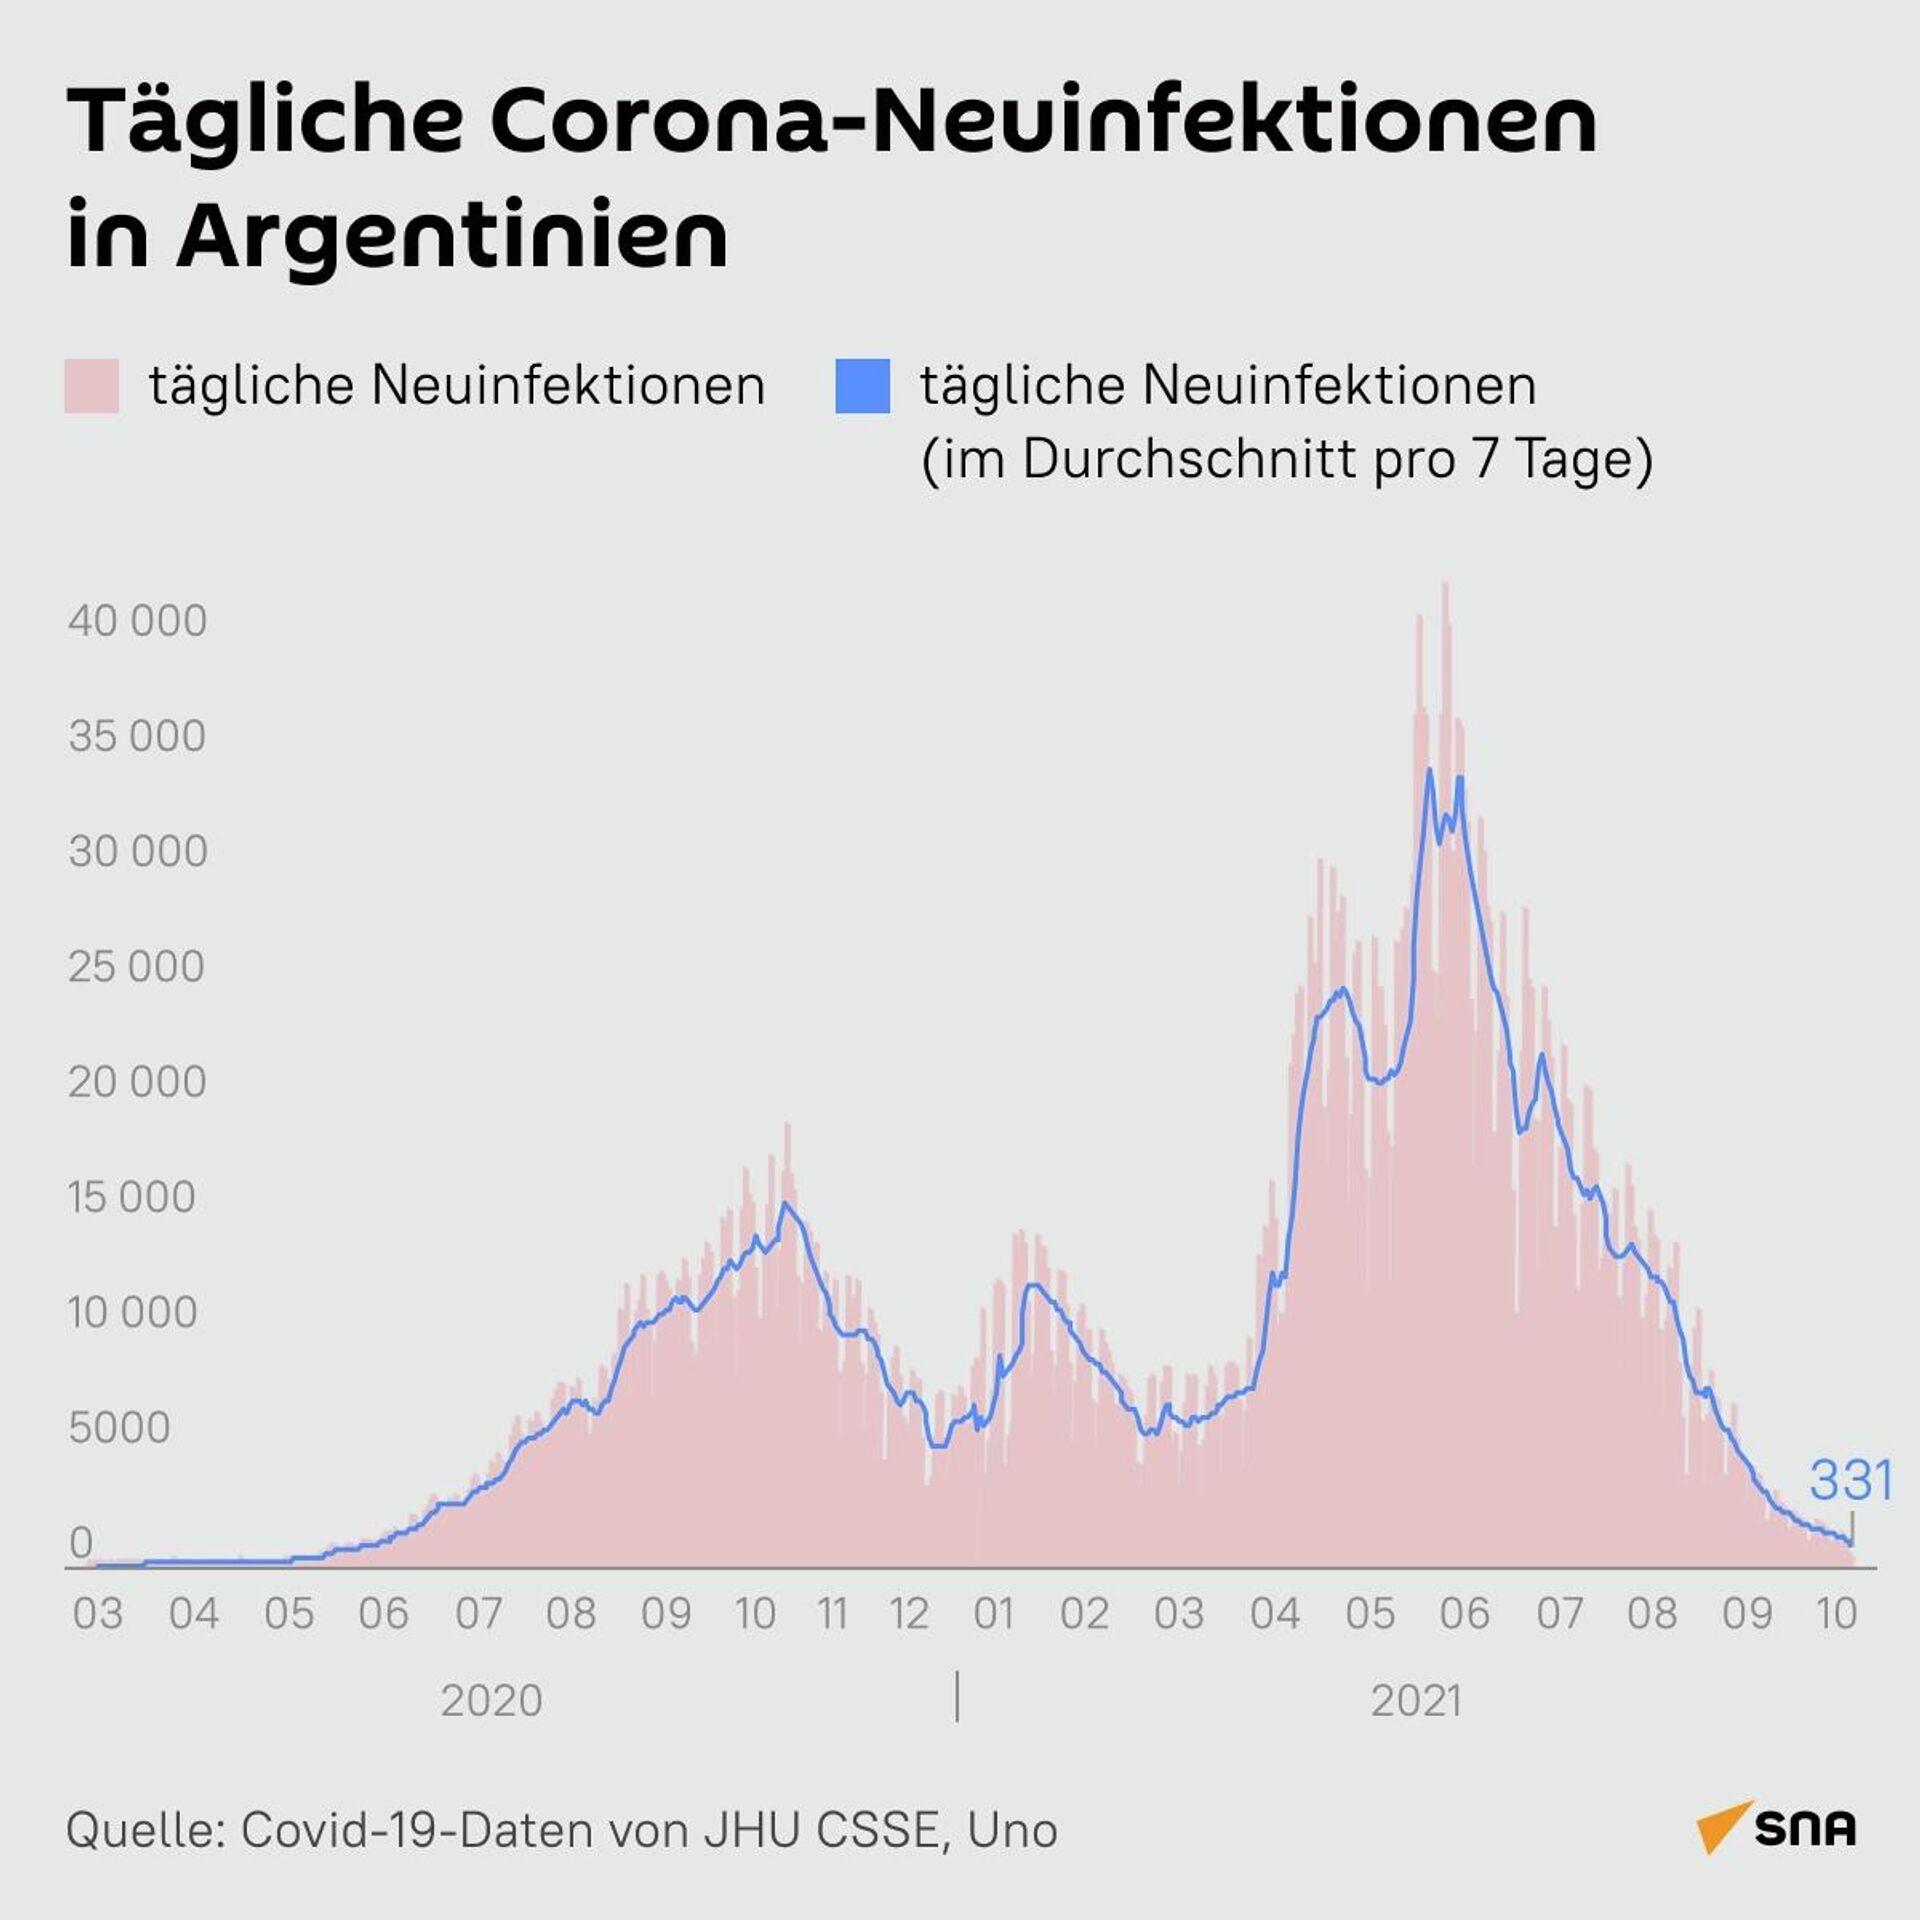 Tägliche Corona-Neuinfektionen in Argentinien (Infografik) - SNA, 1920, 13.10.2021